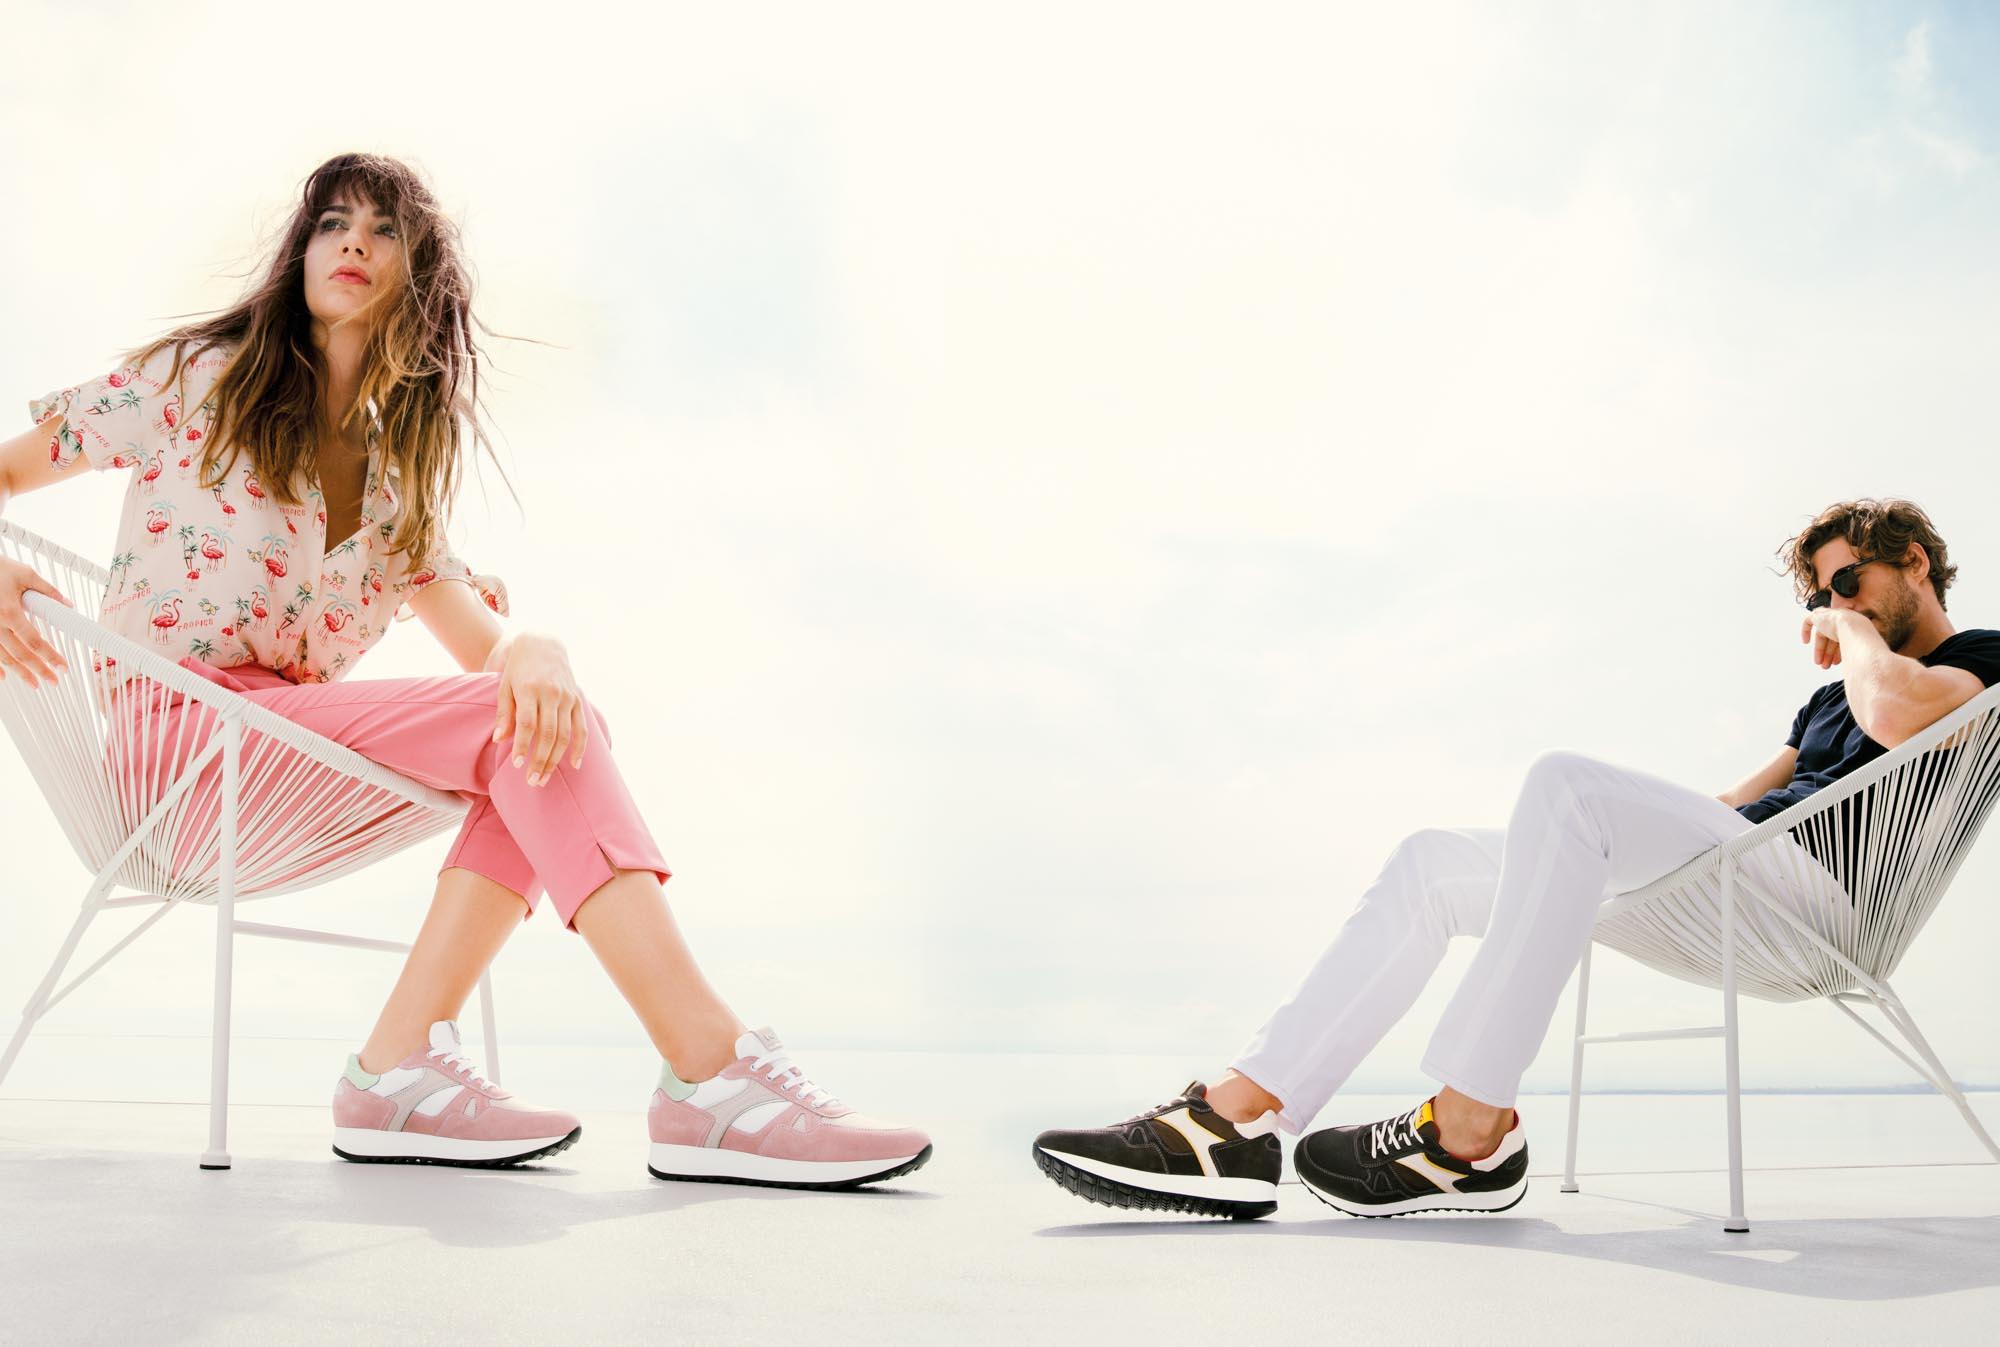 e4892f4e64ee11 Scopri i negozi di scarpe e abbigliamento NeroGiardini più vicino a te!